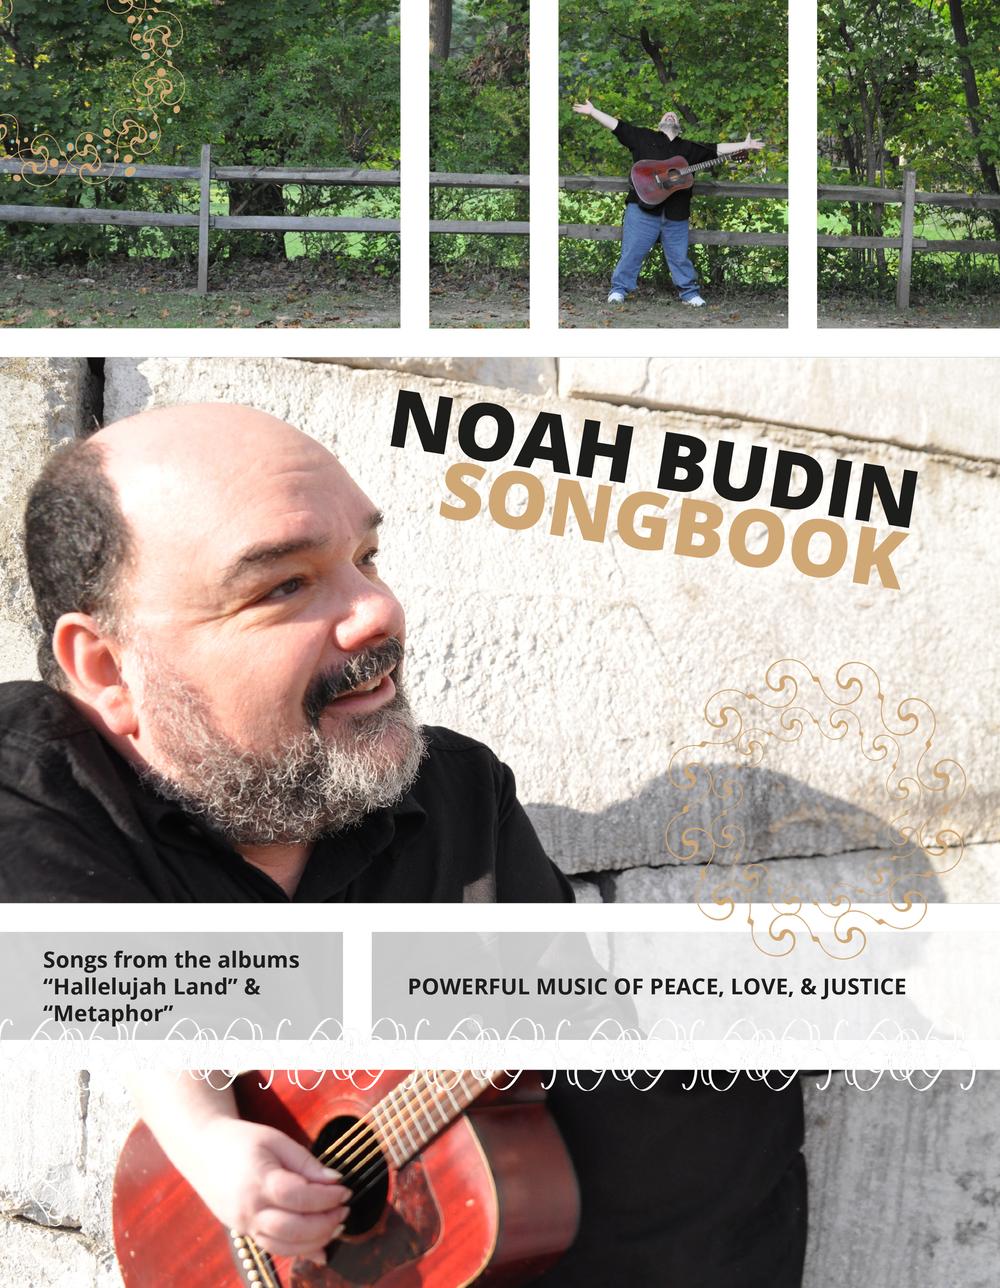 NB-songbook-cover.jpg